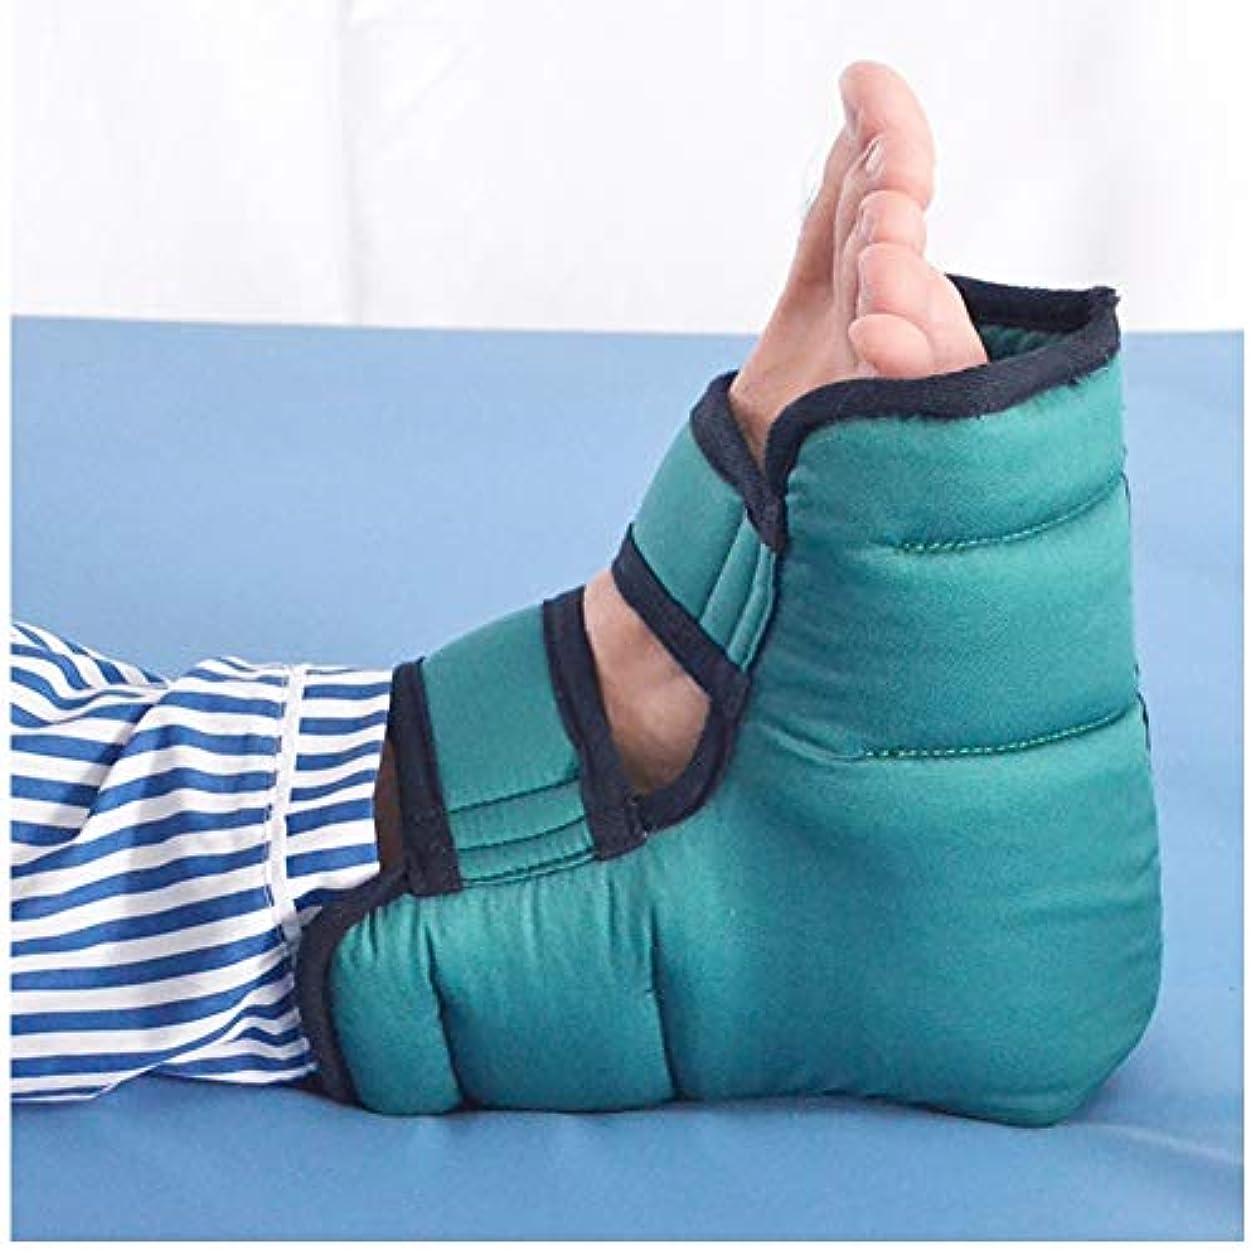 インストール反逆者適格反褥瘡のかかとの保護材のクッション、足首サポート枕フットプロテクション、青、1ペア、9.45×9.05インチ